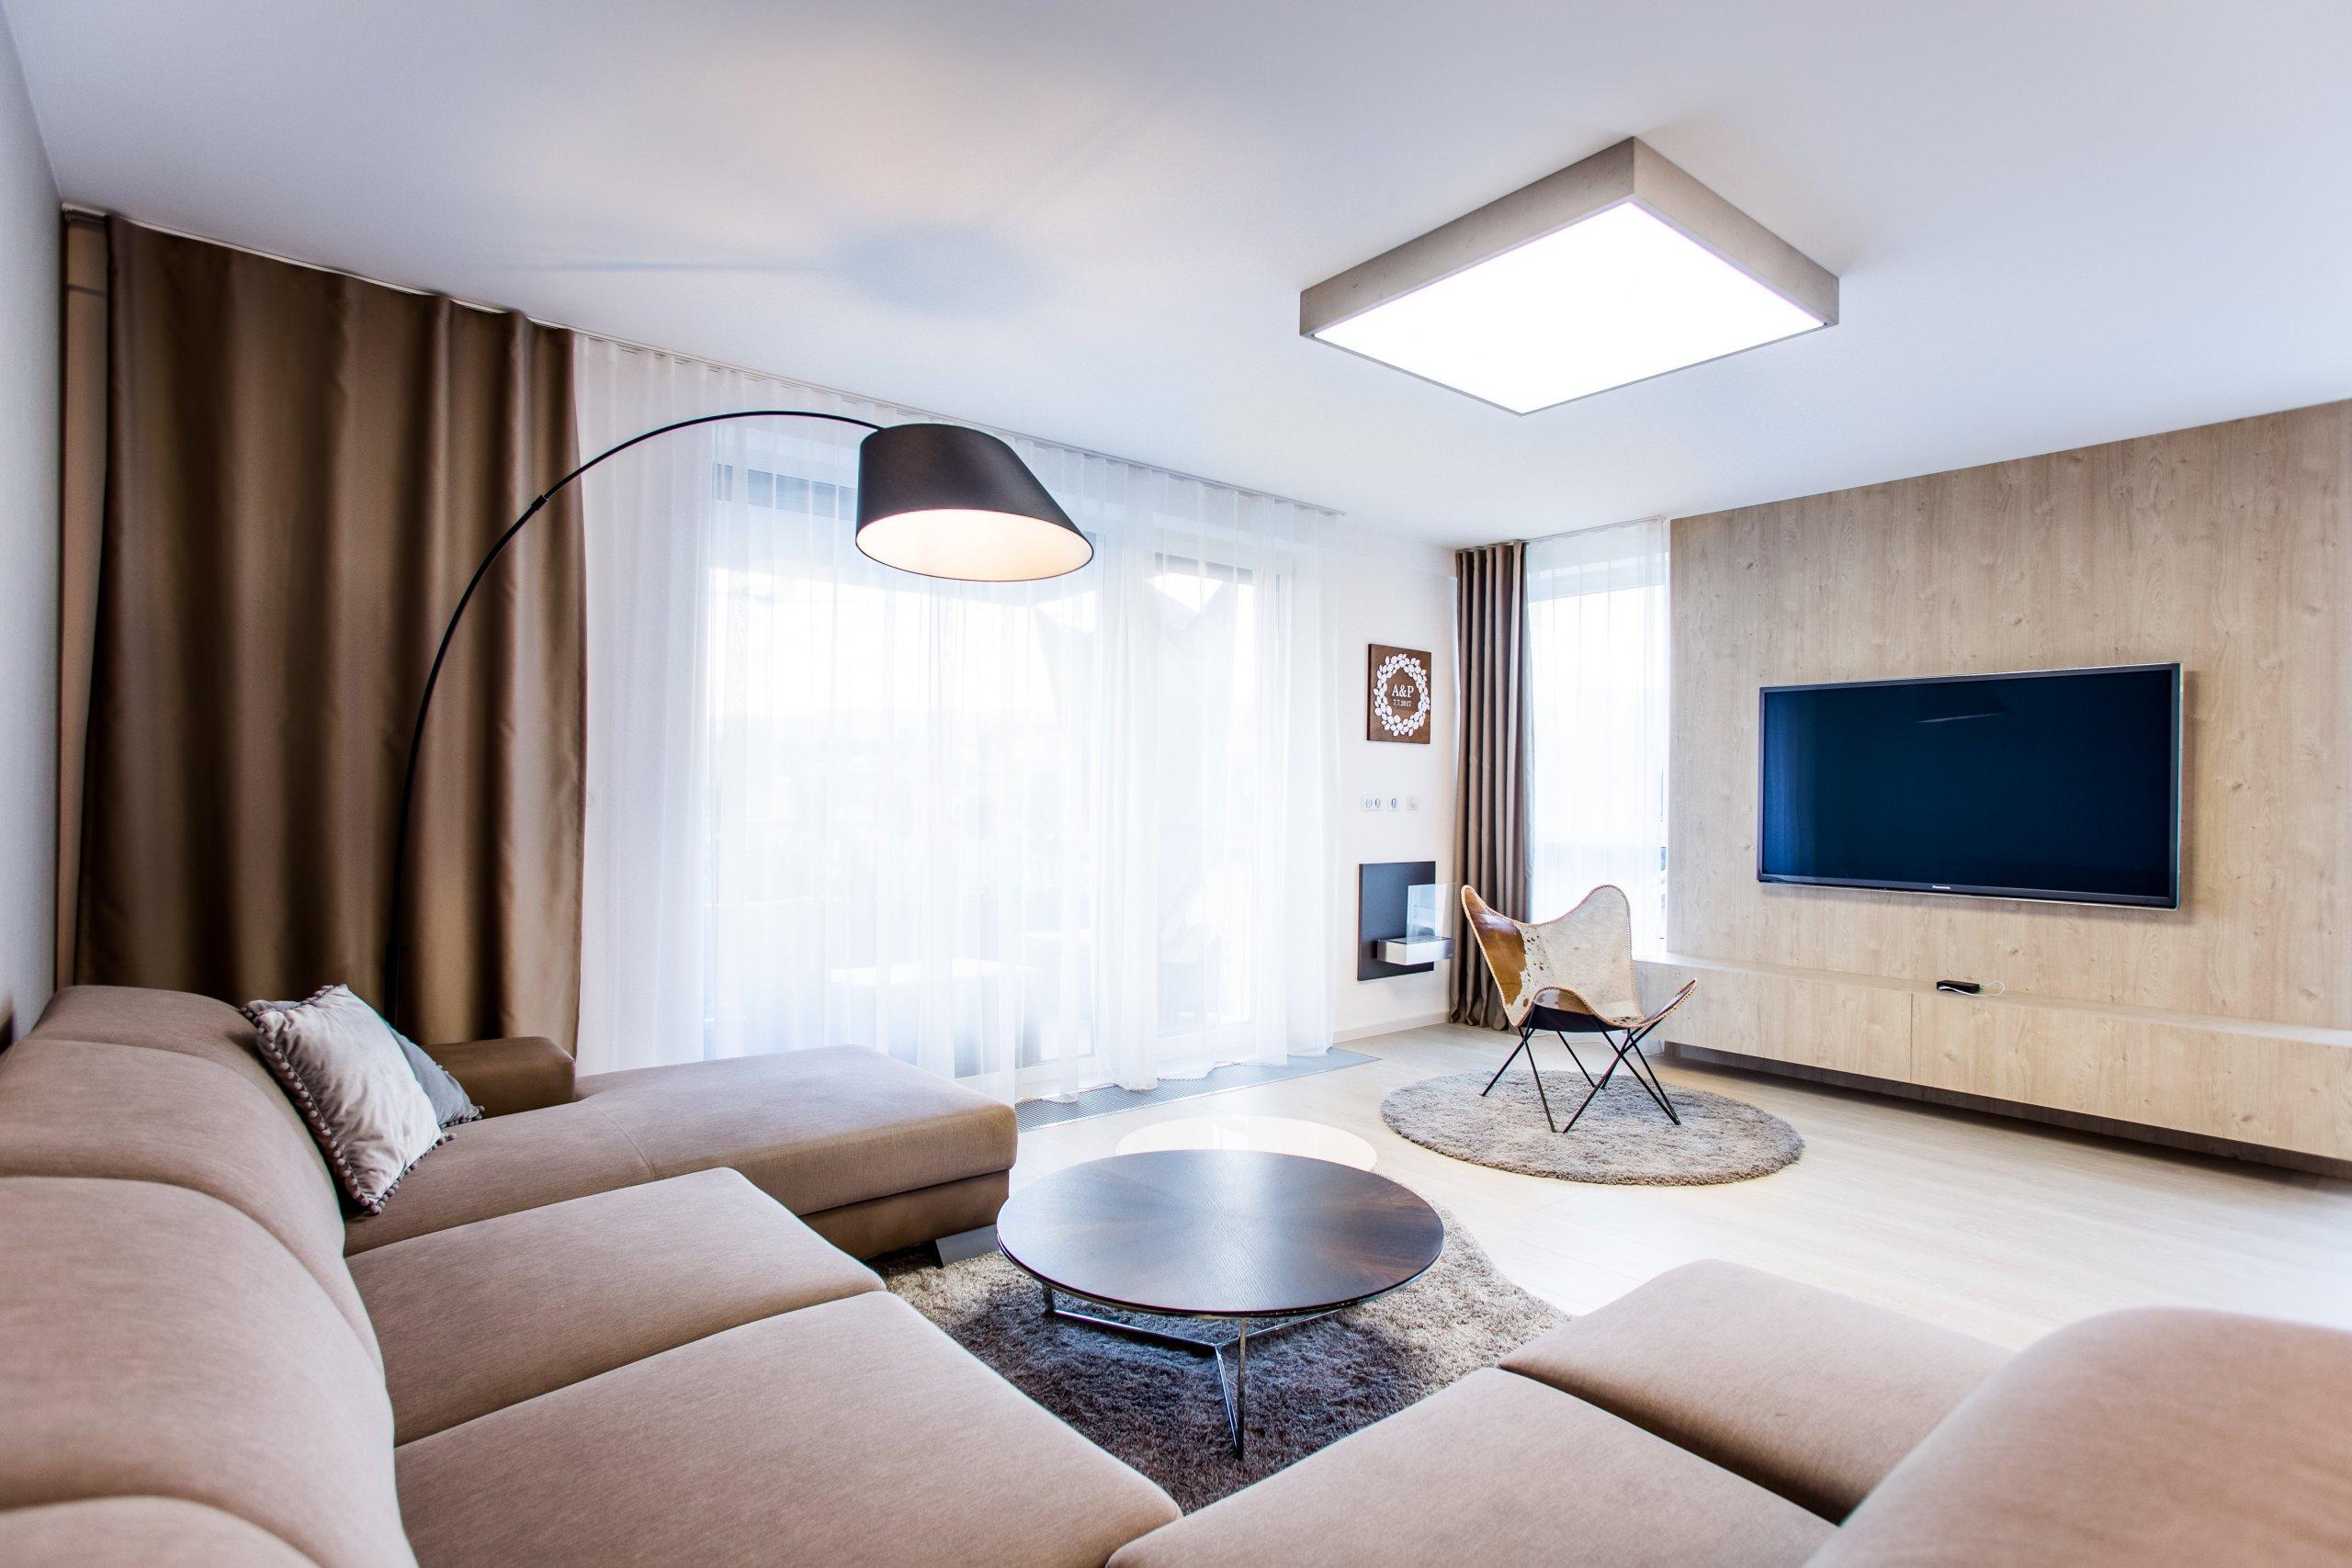 Moderní minimalistický interiér, pozrite si fotografie 4-izbového bytu v Banskej Bystrici, ktorý vznikol výnimočnou spoluprácou klienta s citom pre detail a…